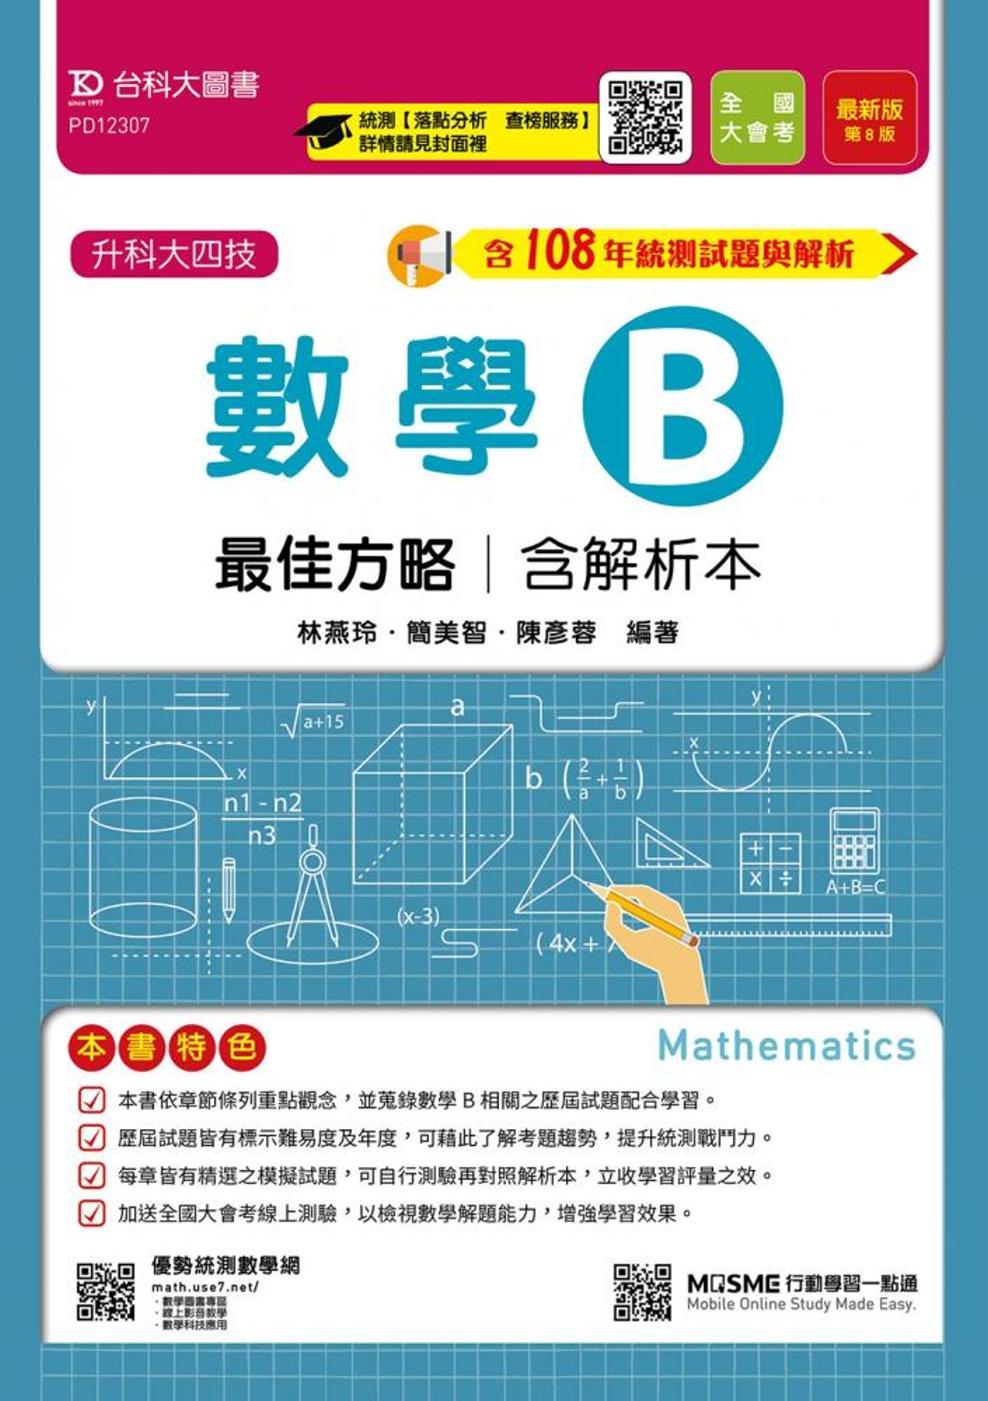 升科大四技數學 B 最佳方略含解析本 最新版 附贈MOSME行動學習一點通(第八版)